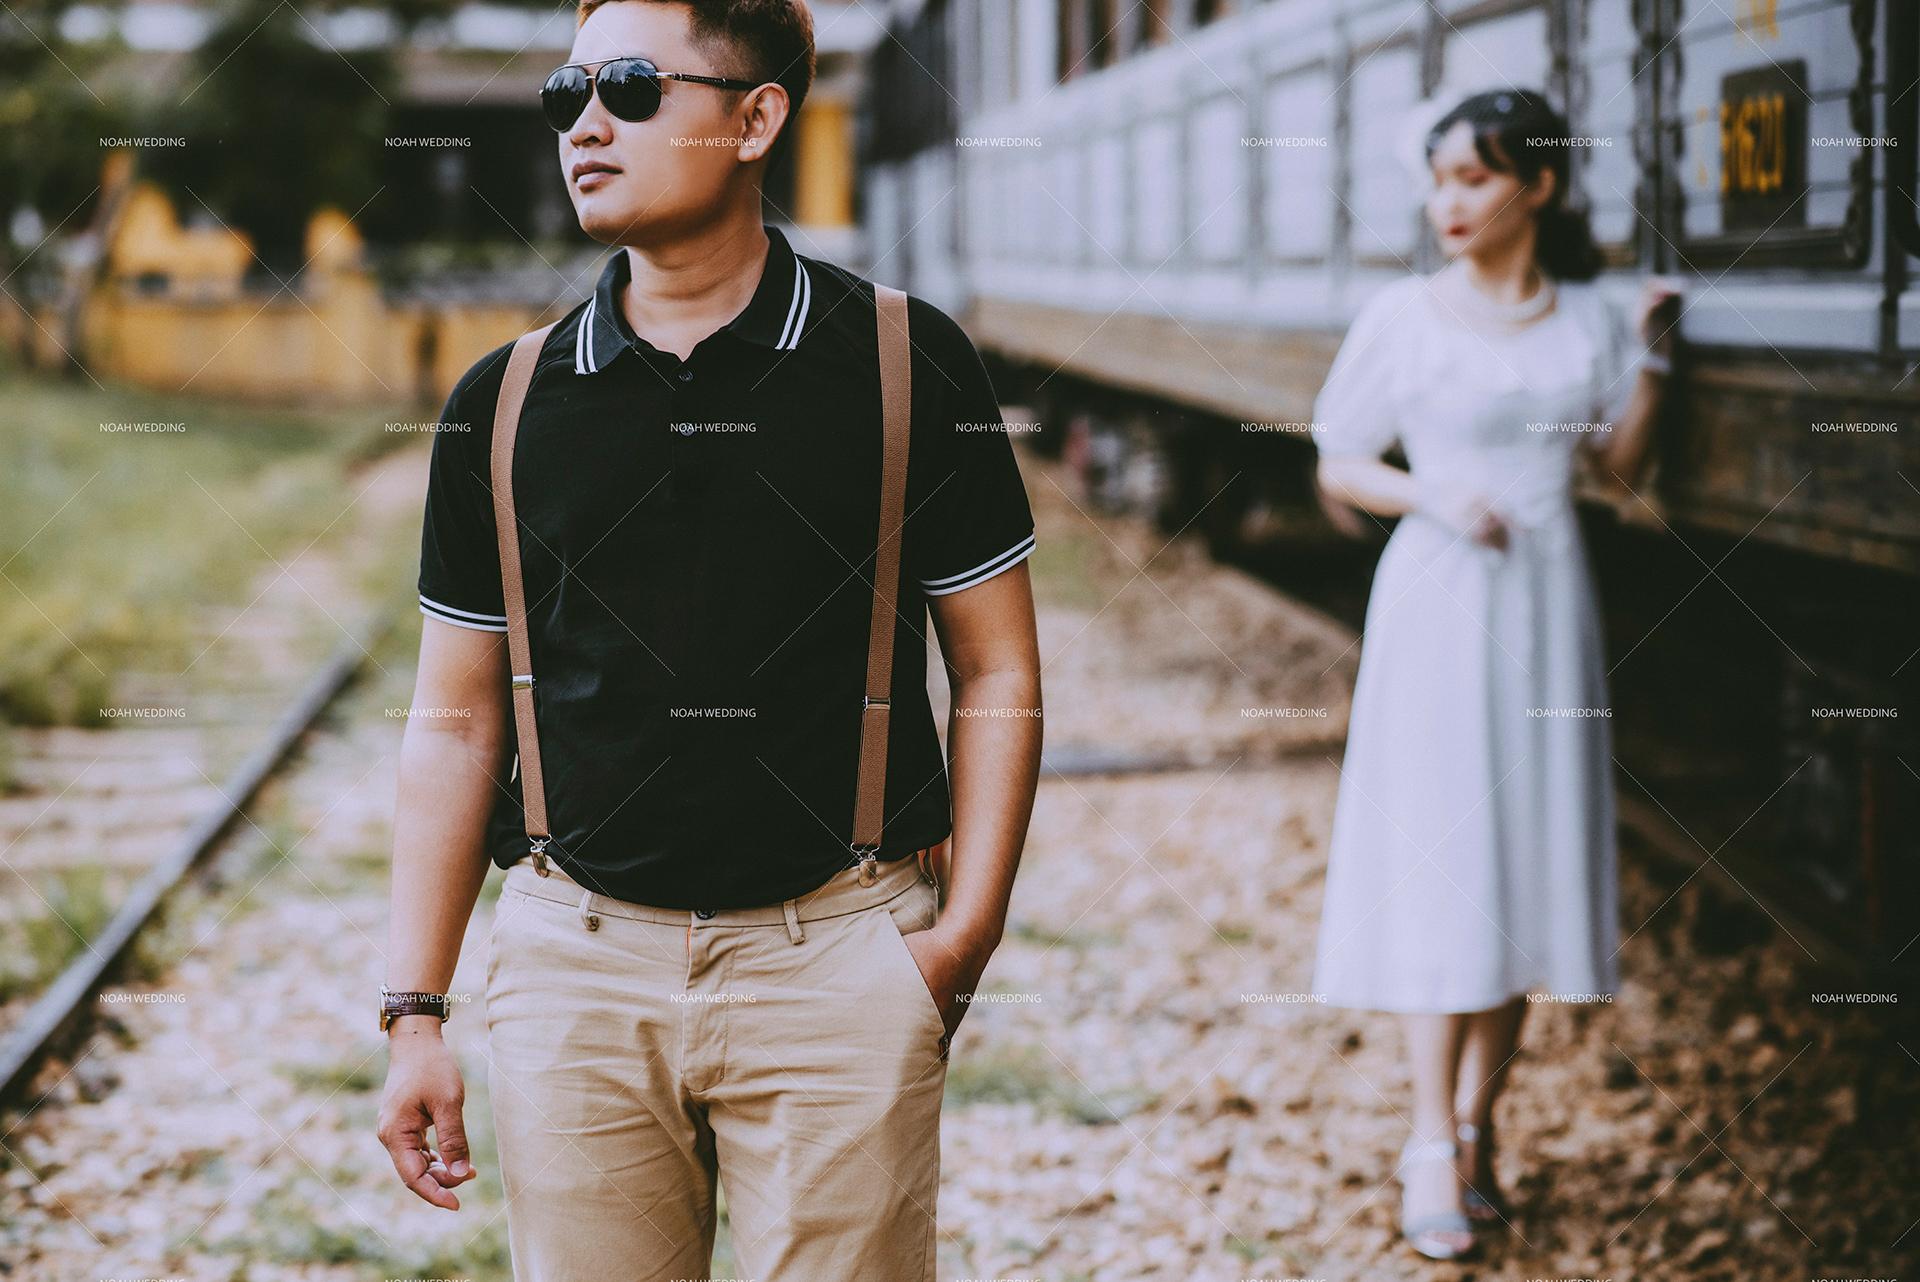 nen-chup-pre-wedding-truoc-ngay-cuoi-bao-lau-6